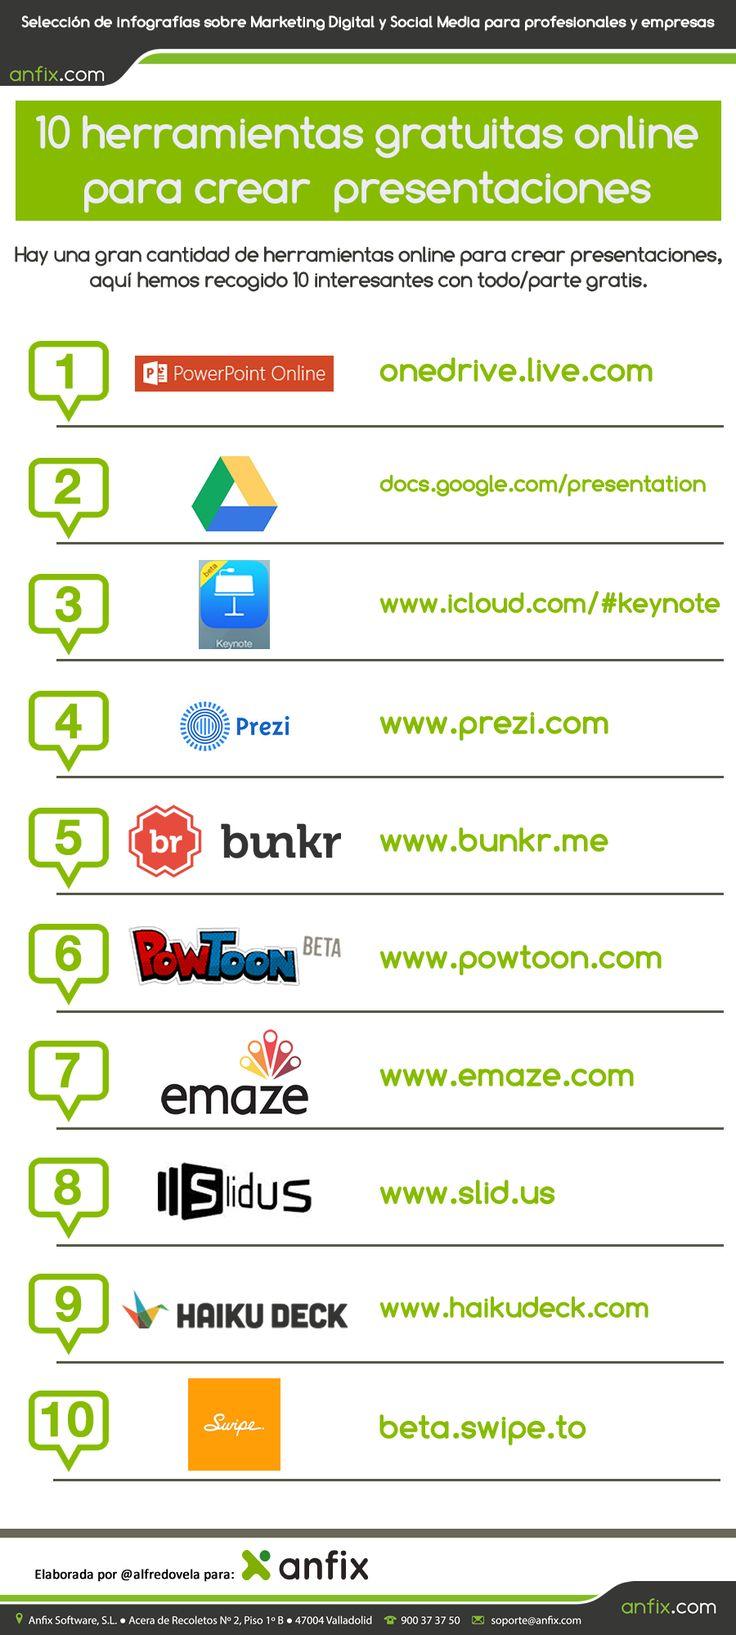 10 herramientas online gratuitas para crear presentaciones [infografía] - anfix.tv